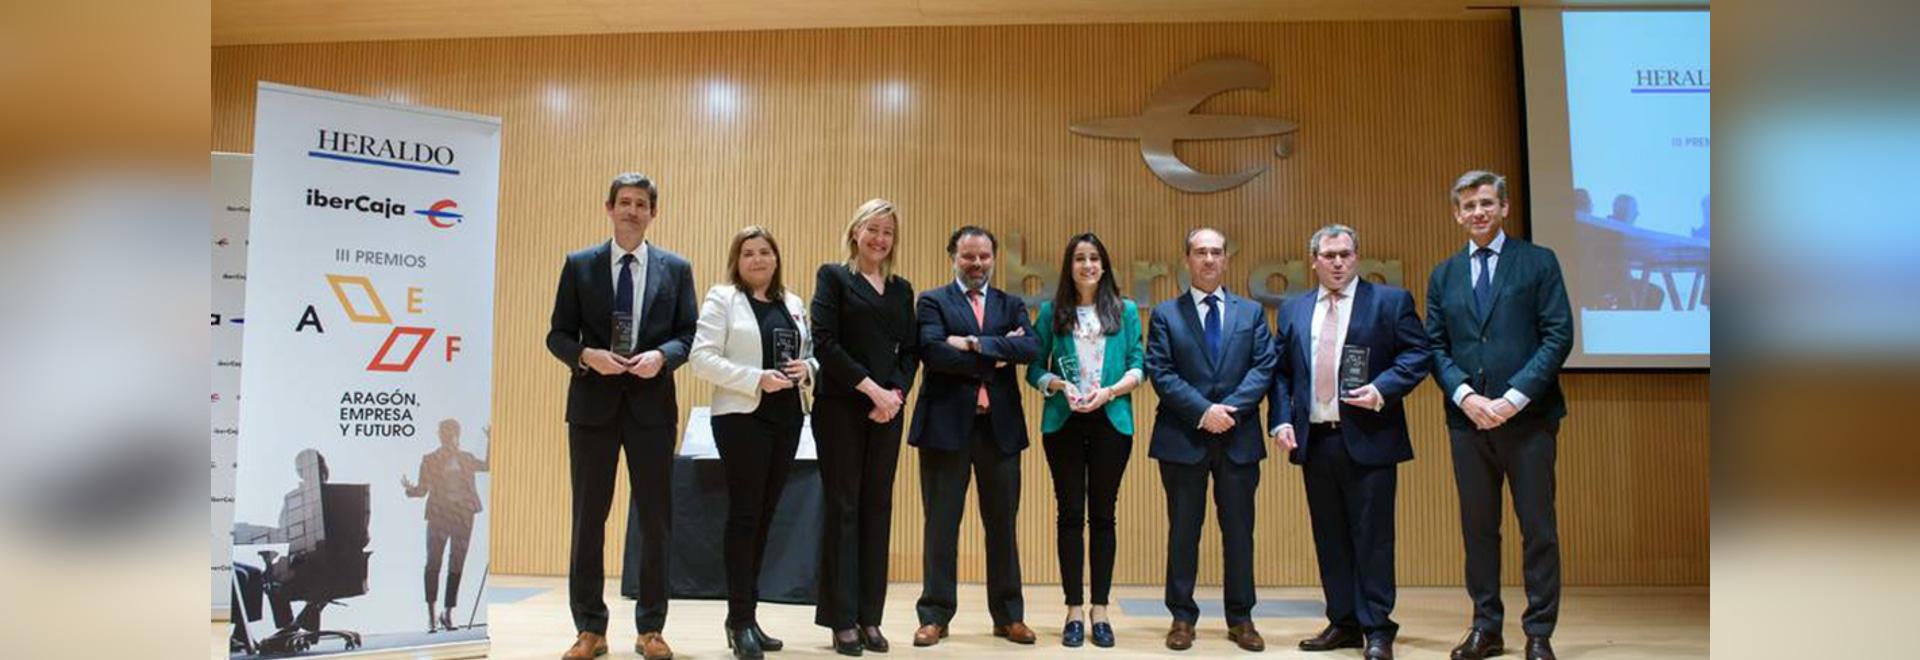 Airfal recibe el Premio Aragón Empresa y Futuro en la categoría de Responsabilidad Social